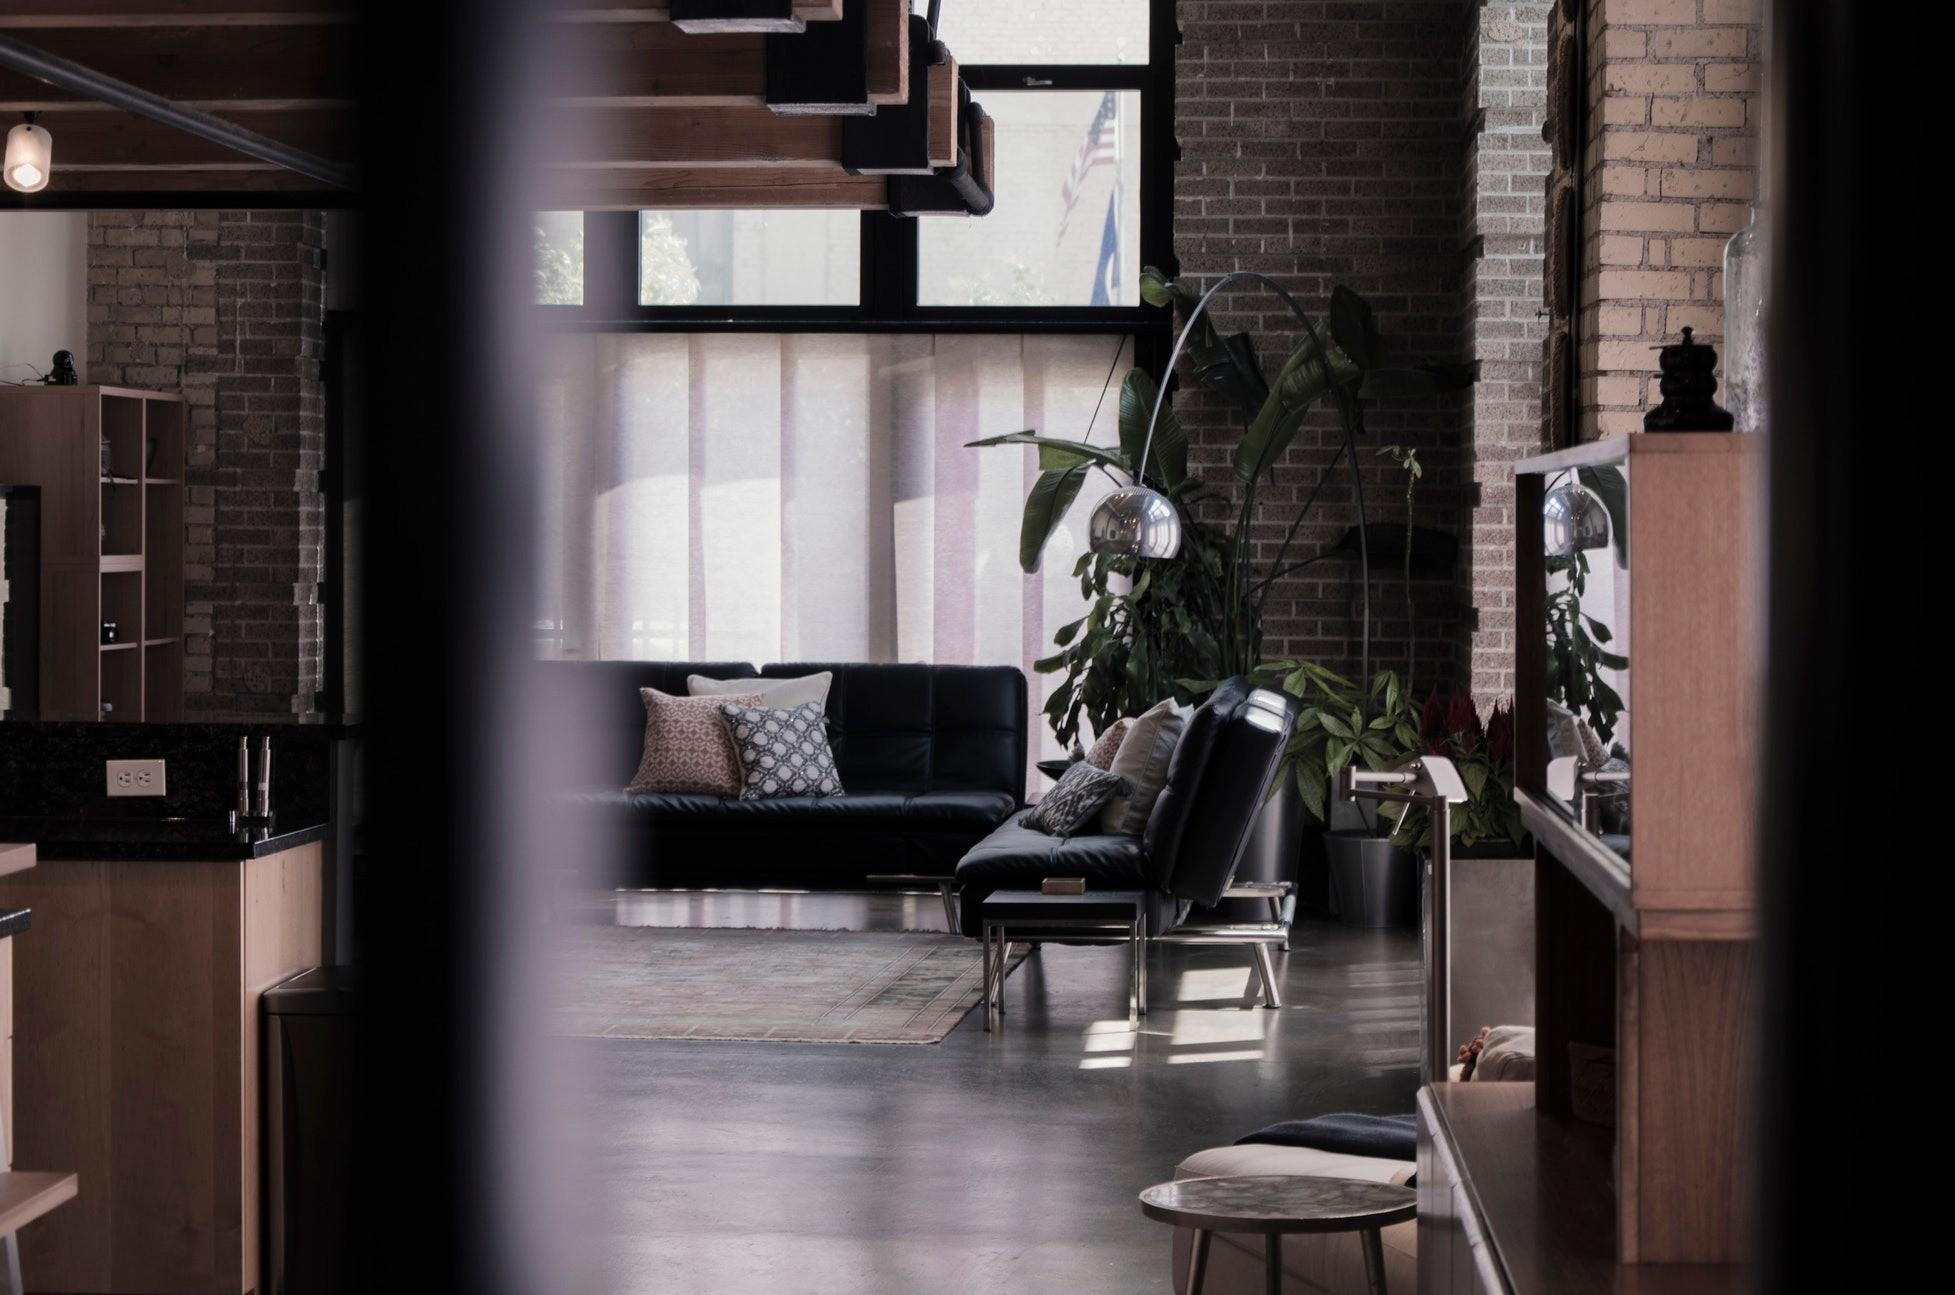 Тест: Хорошо ли вы разбираетесь в современных стилях интерьера?